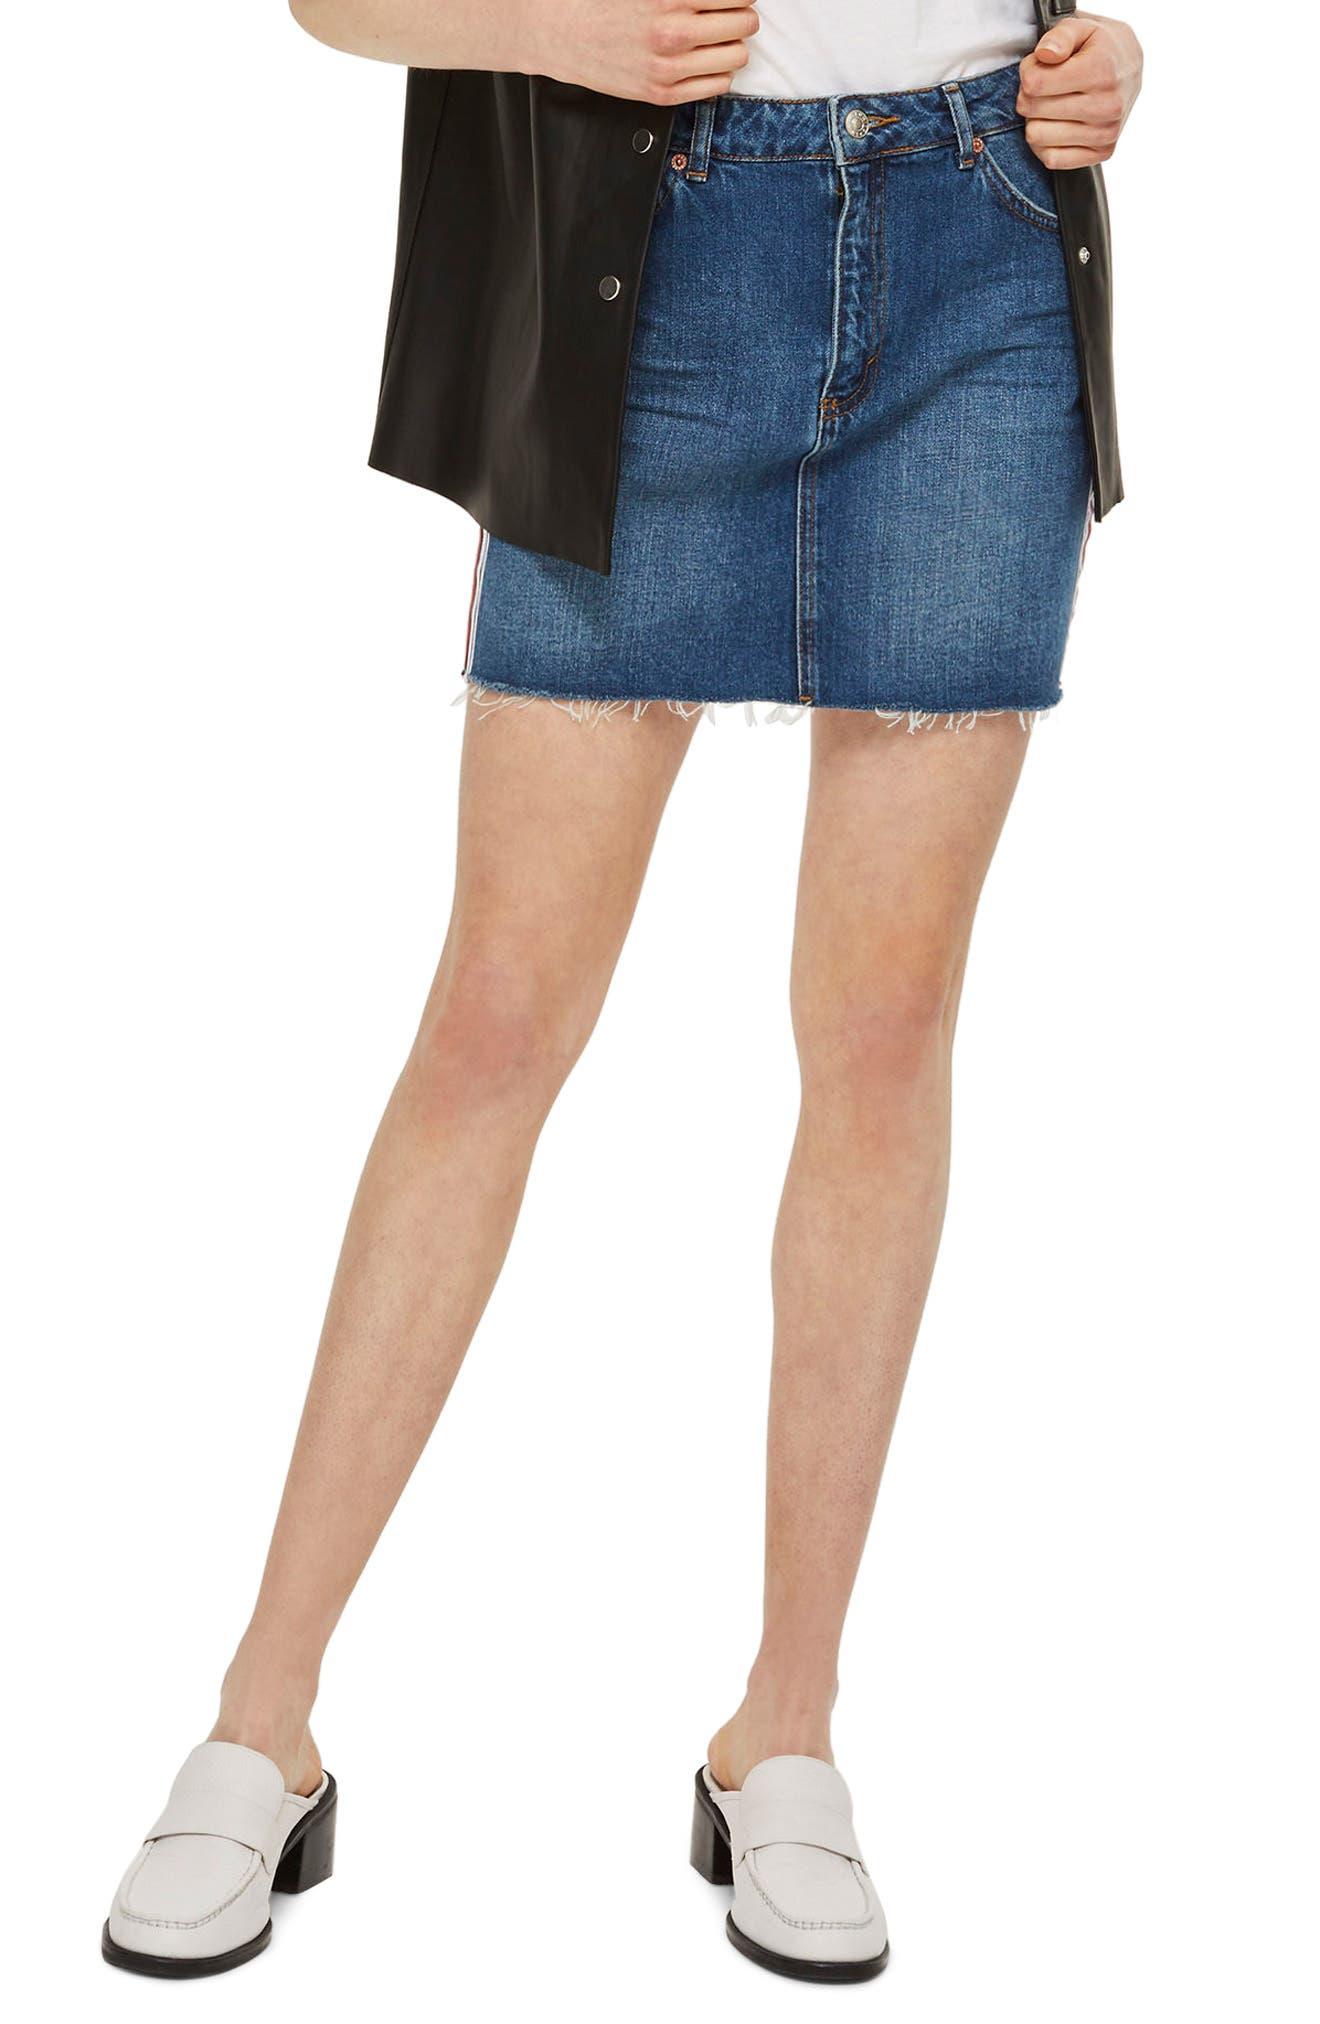 Alternate Image 1 Selected - Topshop Varsity Stripe Denim Miniskirt